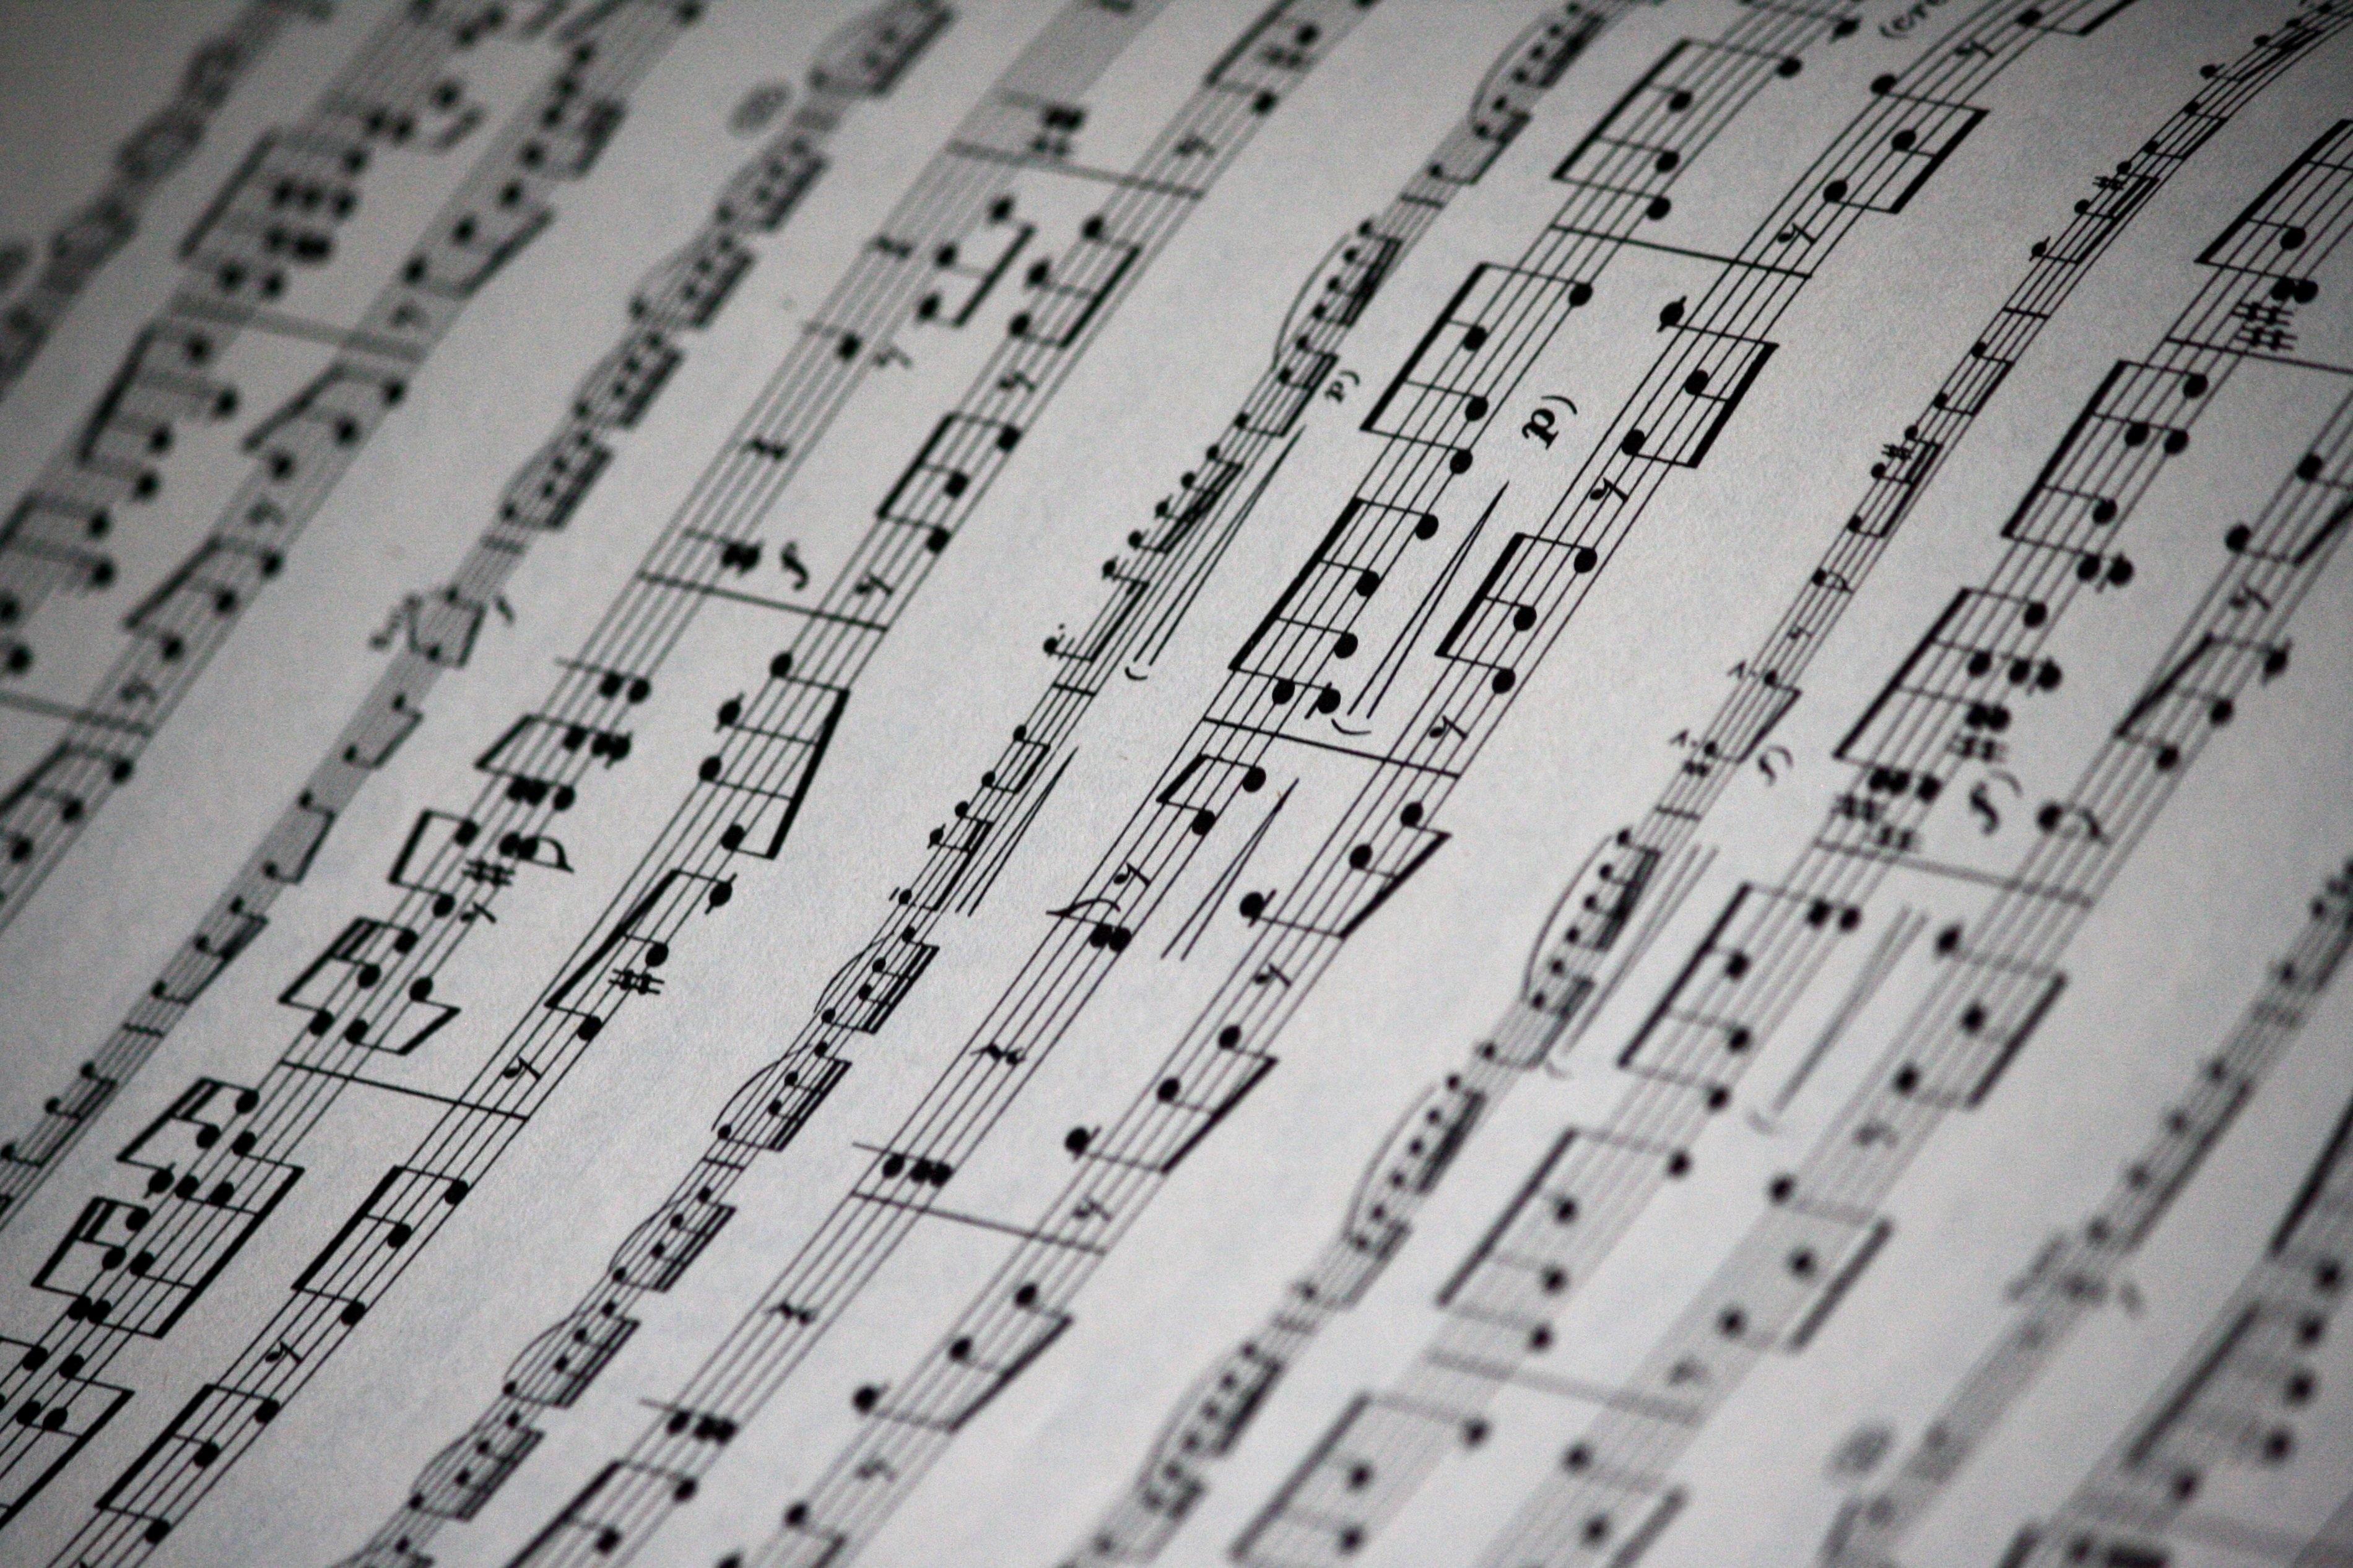 Tapete Zeitung kostenlose foto schreiben musik schwarz und weiß textur